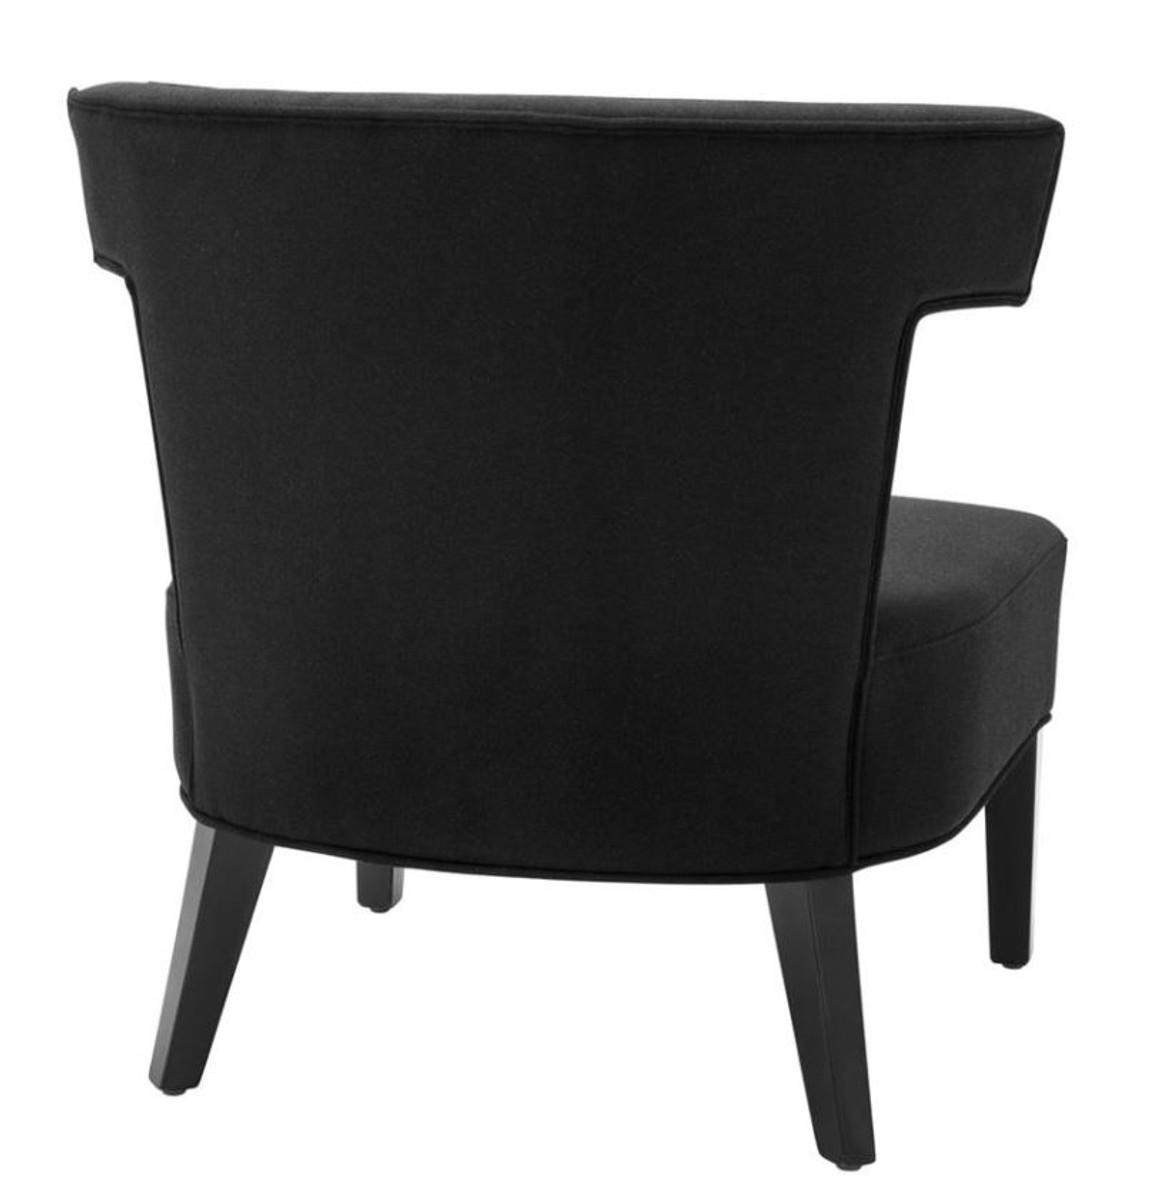 casa padrino luxus sessel schwarz designer m bel sessel. Black Bedroom Furniture Sets. Home Design Ideas